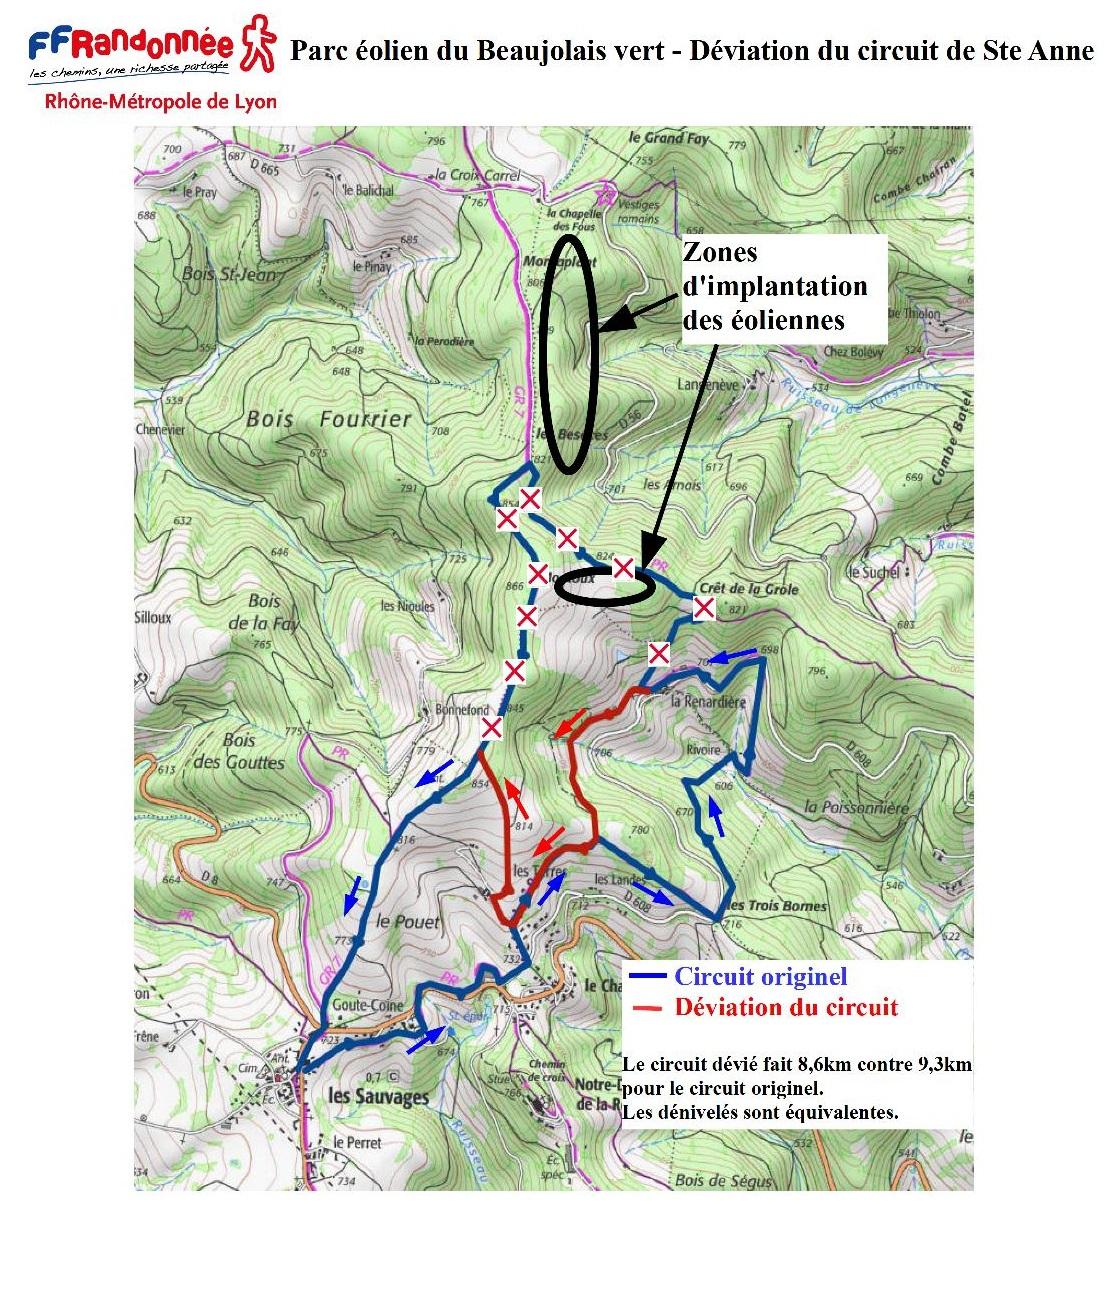 ffrandonnee rhone carte déviation circuit de Sainte-Anne